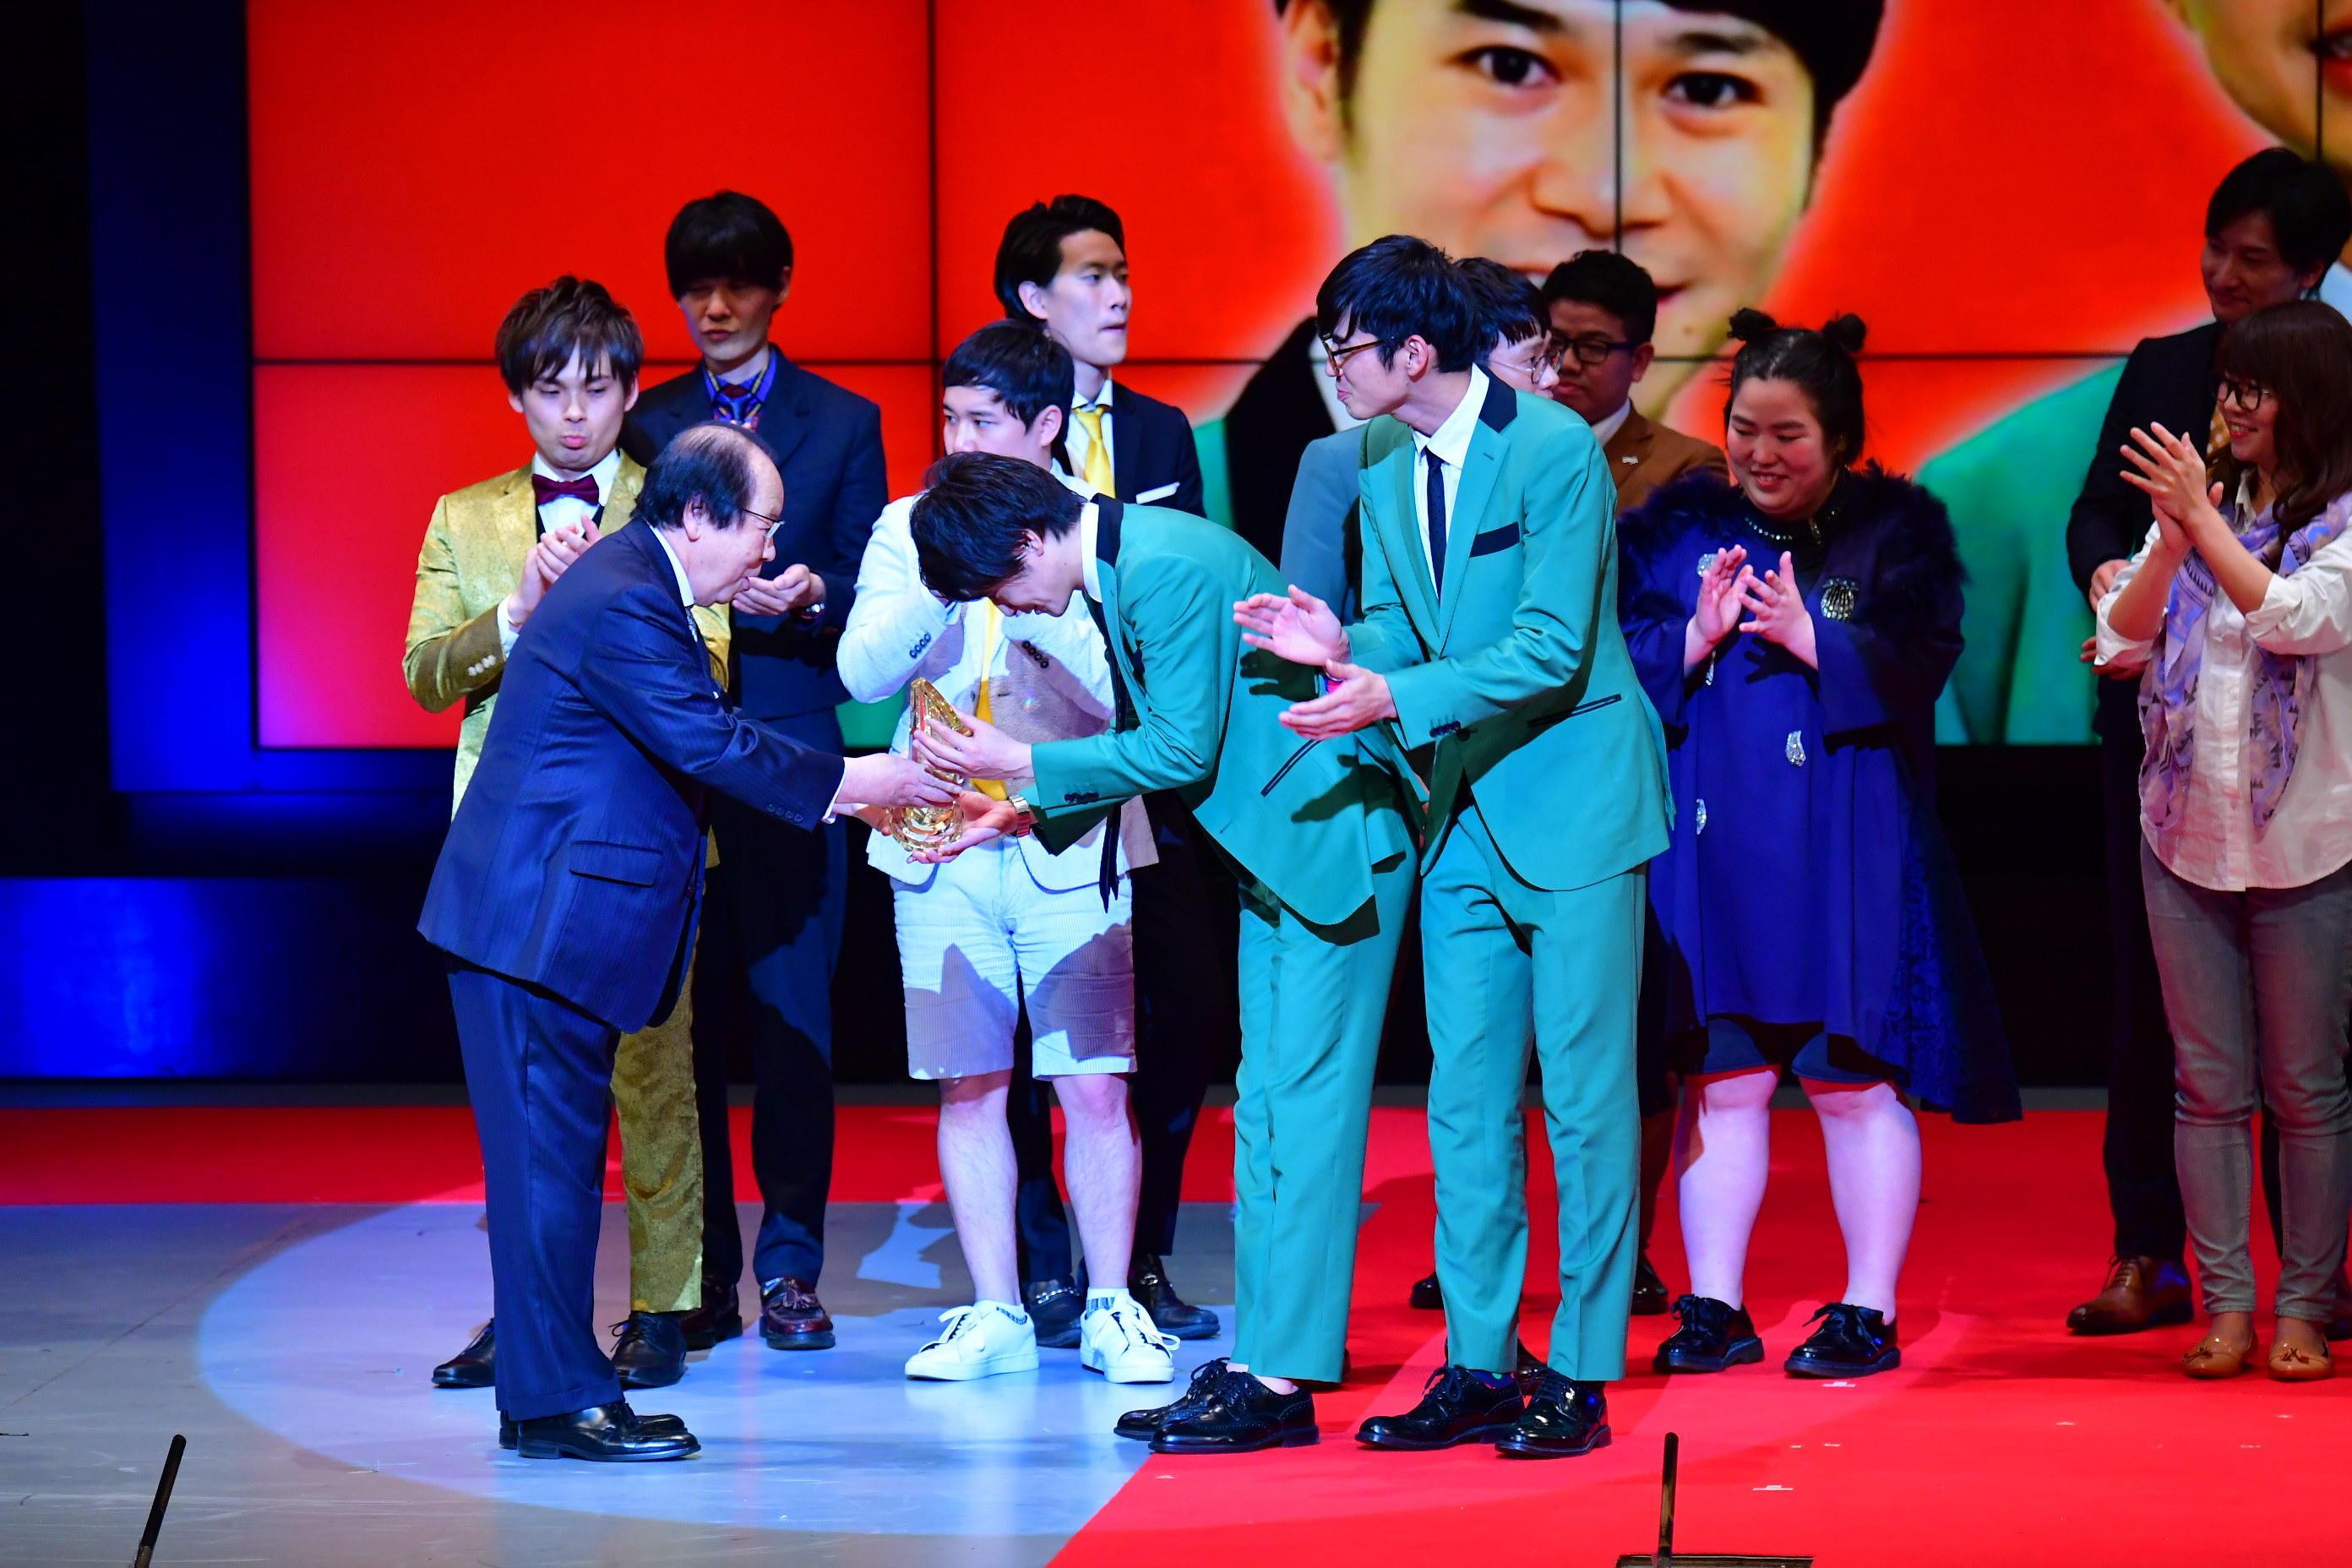 http://news.yoshimoto.co.jp/20180109020528-a12917d2a82da7801cd6122fdf72e8d39210abf5.jpg